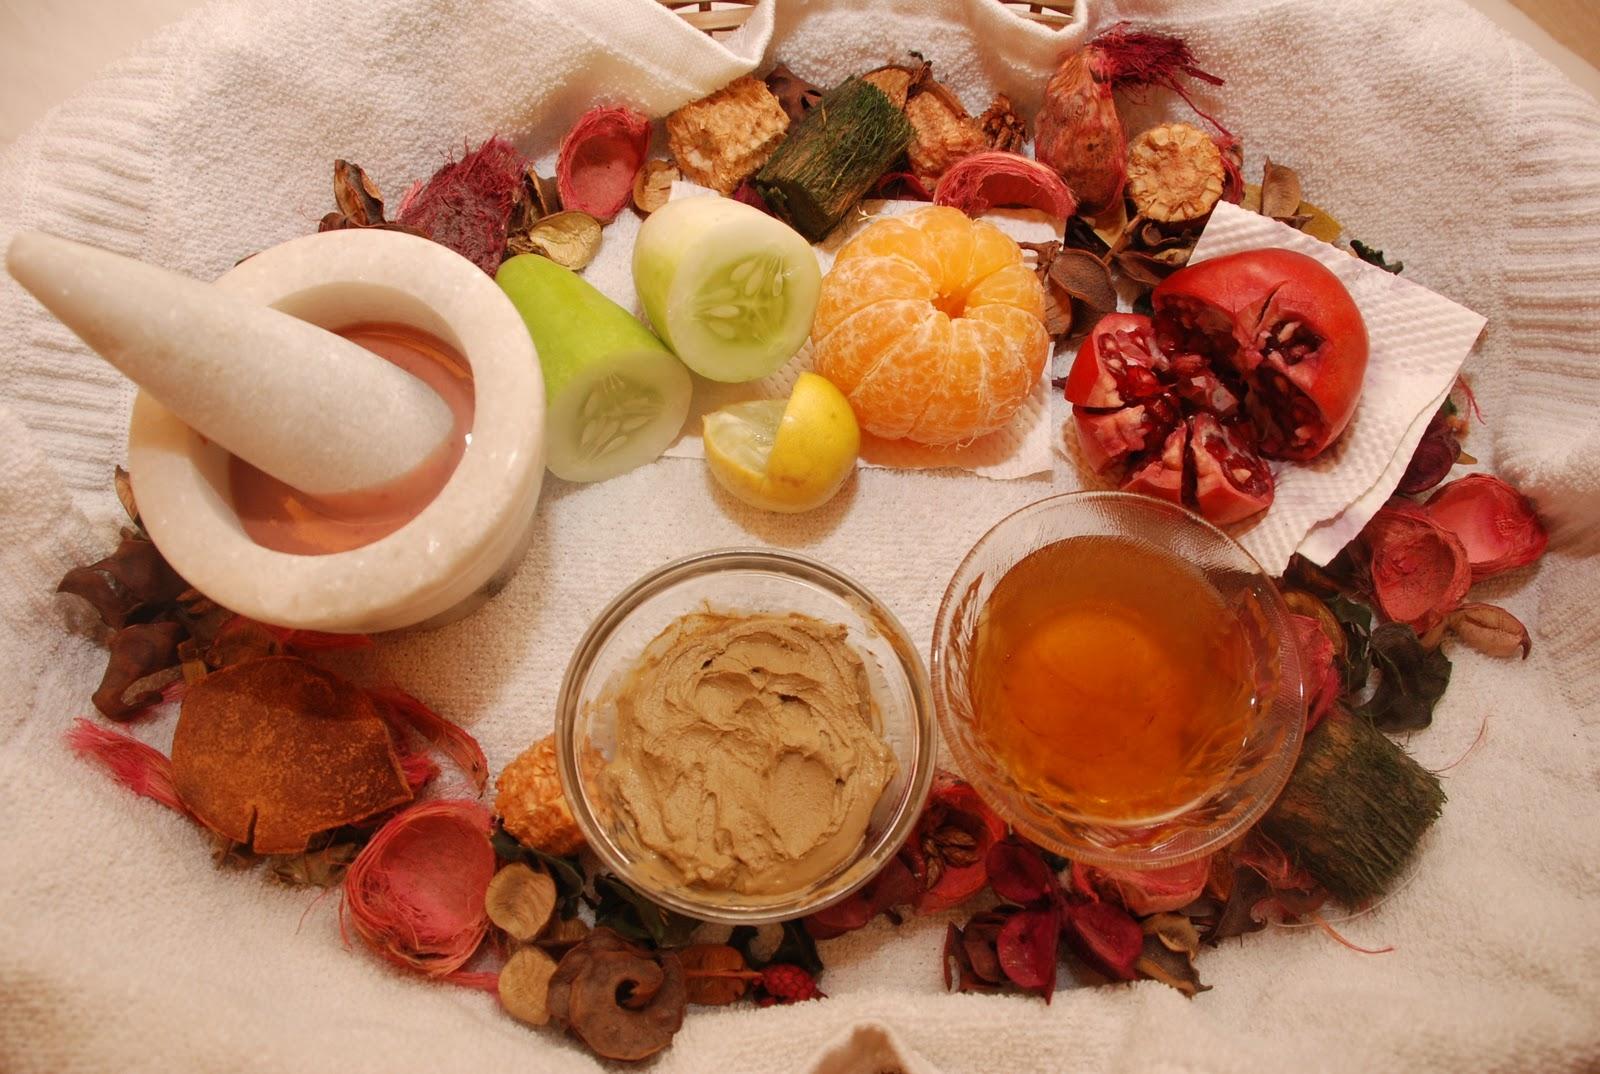 """5 Cách làm đẹp da mặt tự nhiên hiệu quả, tiết kiệm đúng chuẩn """"Em Đẹp Không Cần Son Phấn"""""""